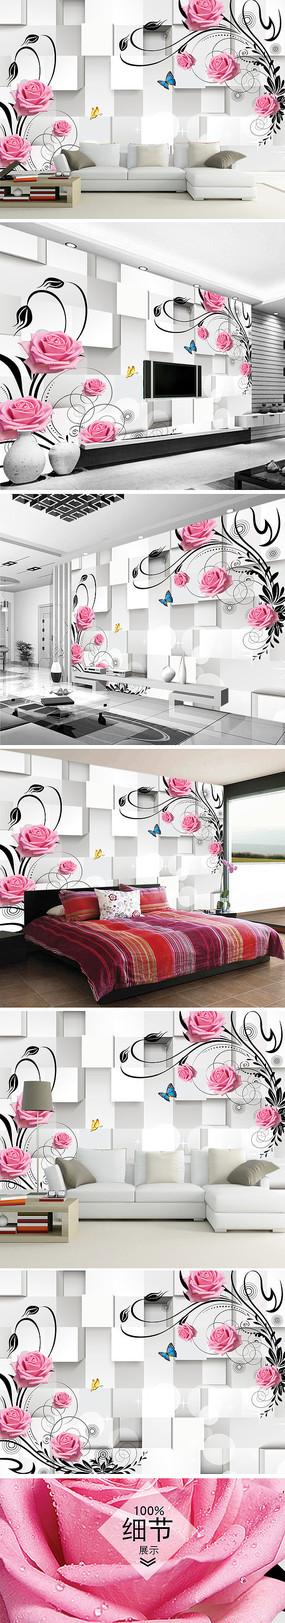 粉红玫瑰花客厅电视背景墙